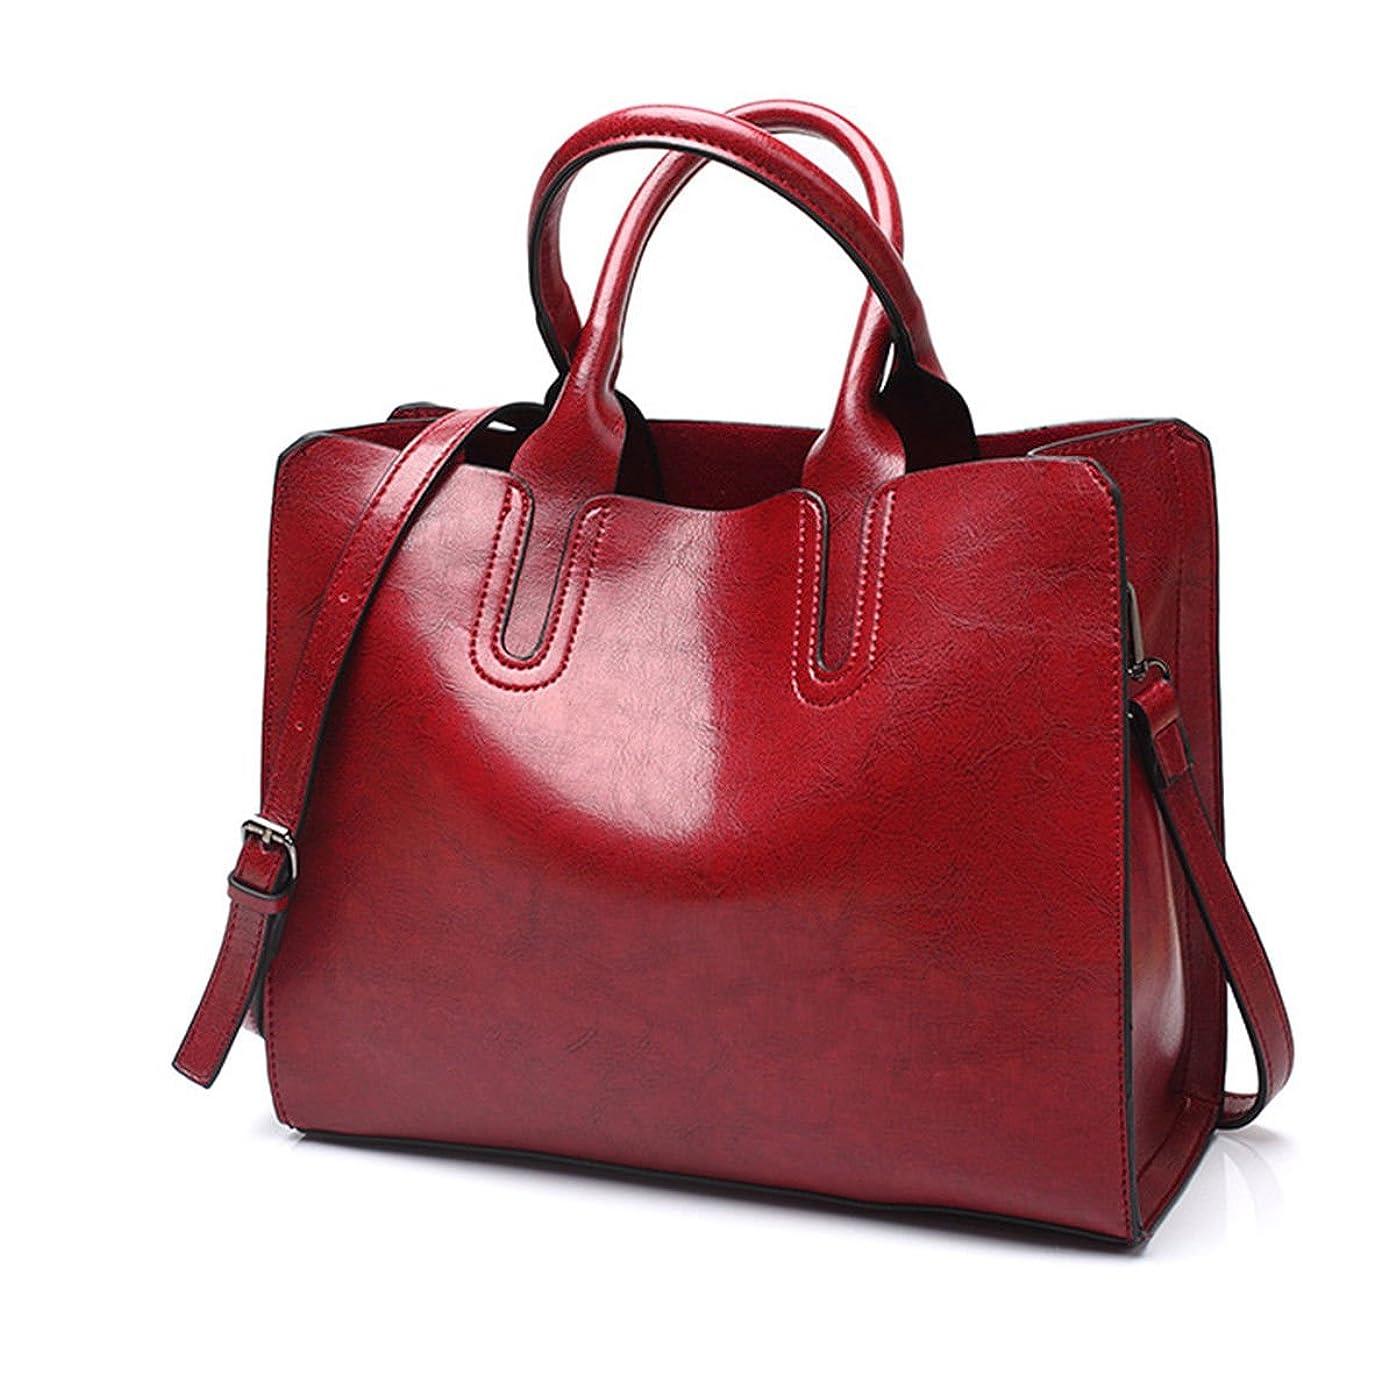 涙が出る追放虚偽シューズ&バッグ/ バッグ?スーツケース / レディースバッグ?財布 / バッグ /ショルダーバッグ/ Womens Large Leather Handbag Shoulder Bags Tote Purse Messenger Hobo Satchel Bag